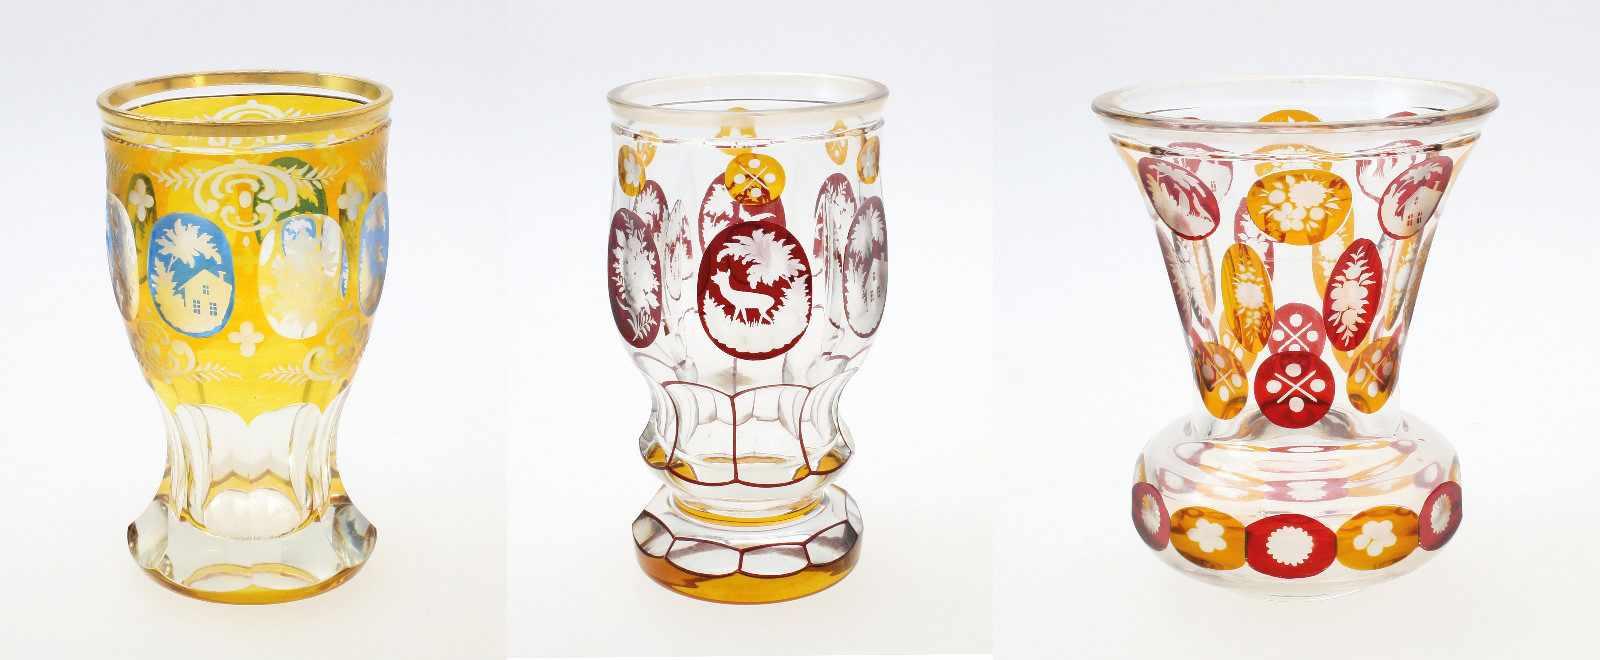 3 Glasbecher Haida, Böhmen1. Farbloses Glas, abgesetzter Lippenrand, Reste von Vergoldung,